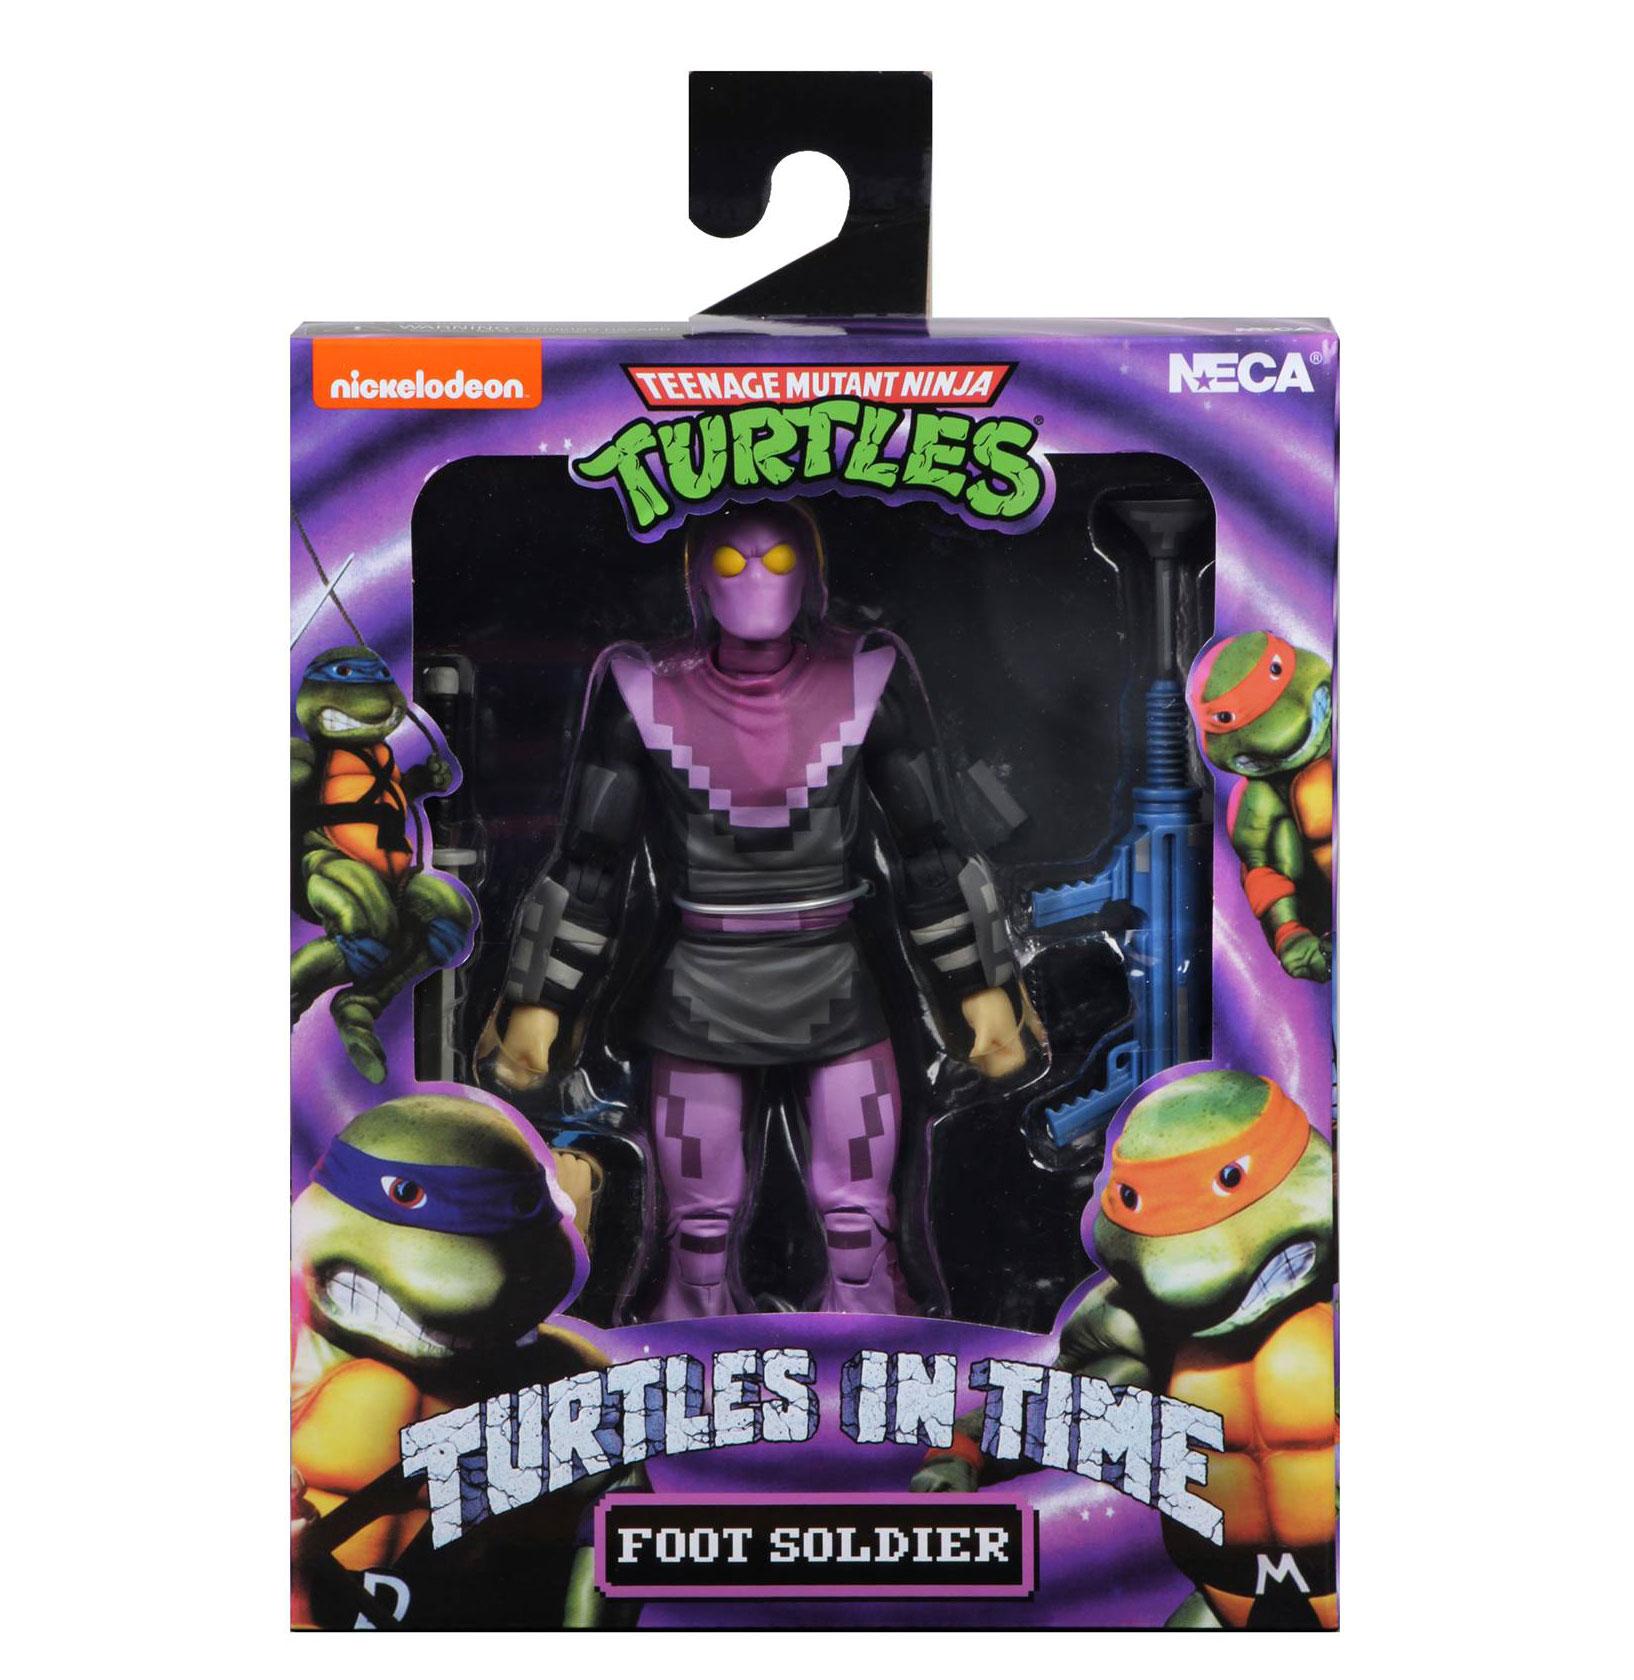 NECA-Turtles-In-Time-Foot-Soldier-packaging